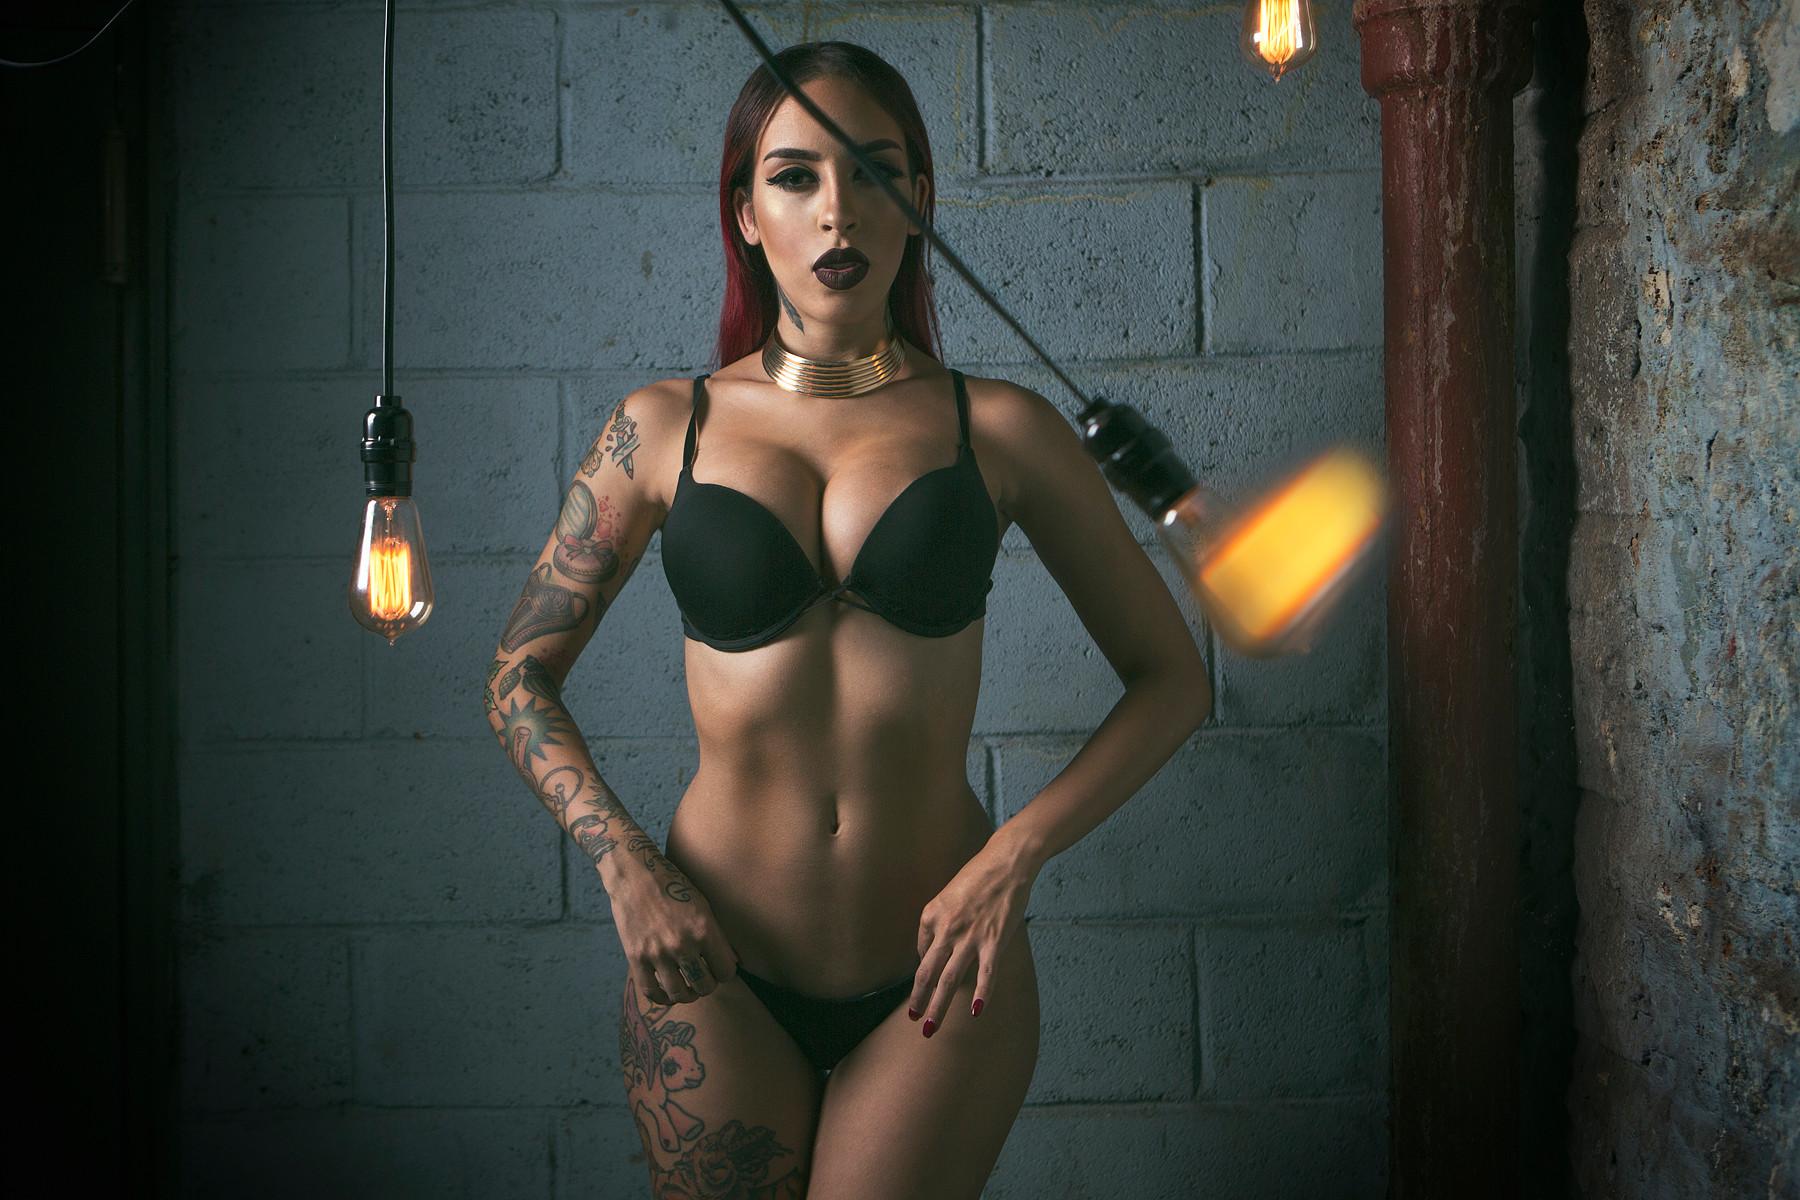 Raquel Reed